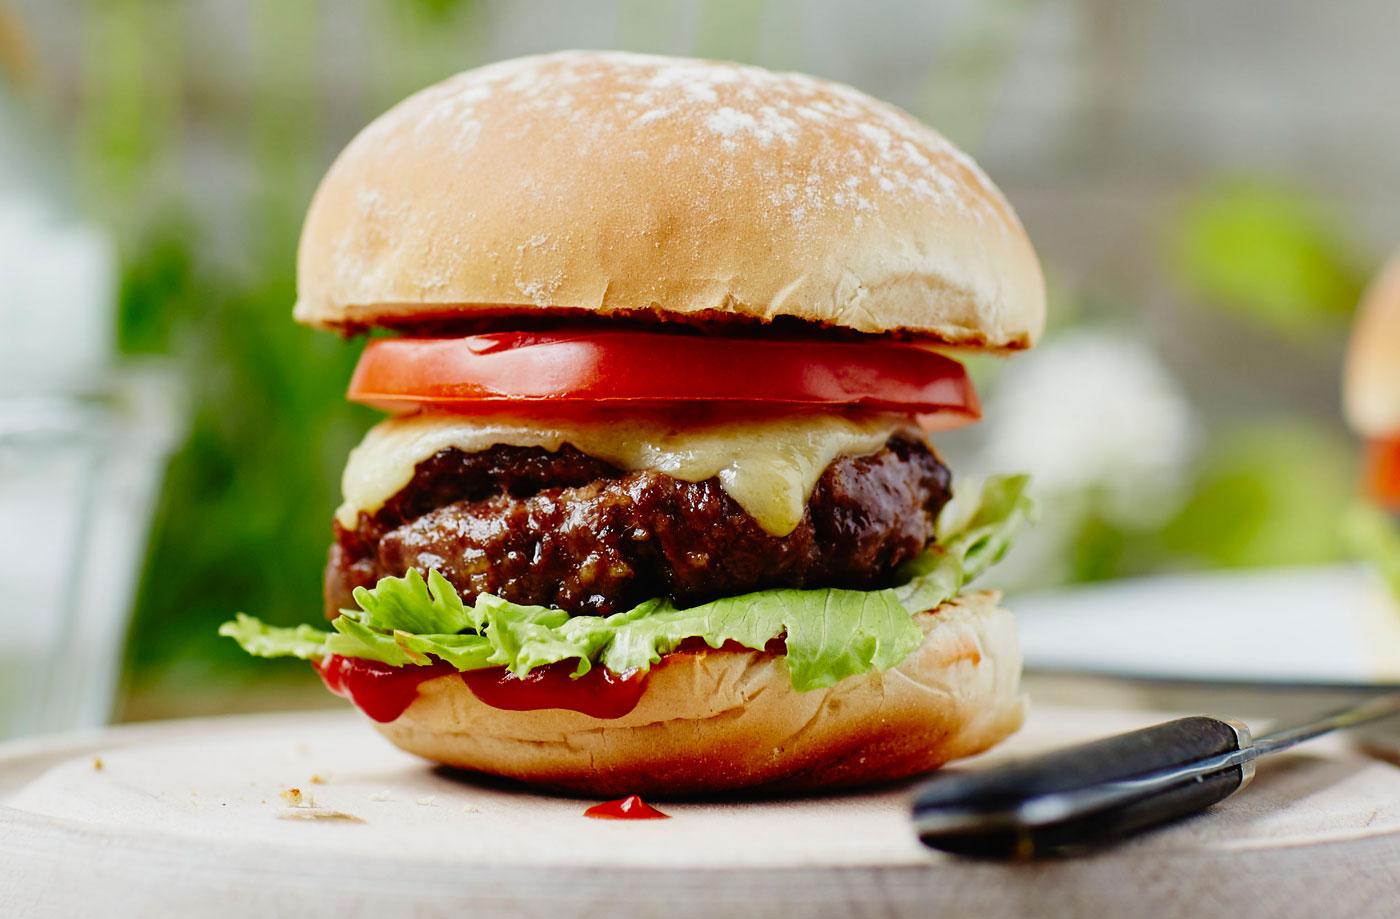 Burger-31LGH-a296a356-020c-4969-86e8-d8c26139f83f-0-1400x919